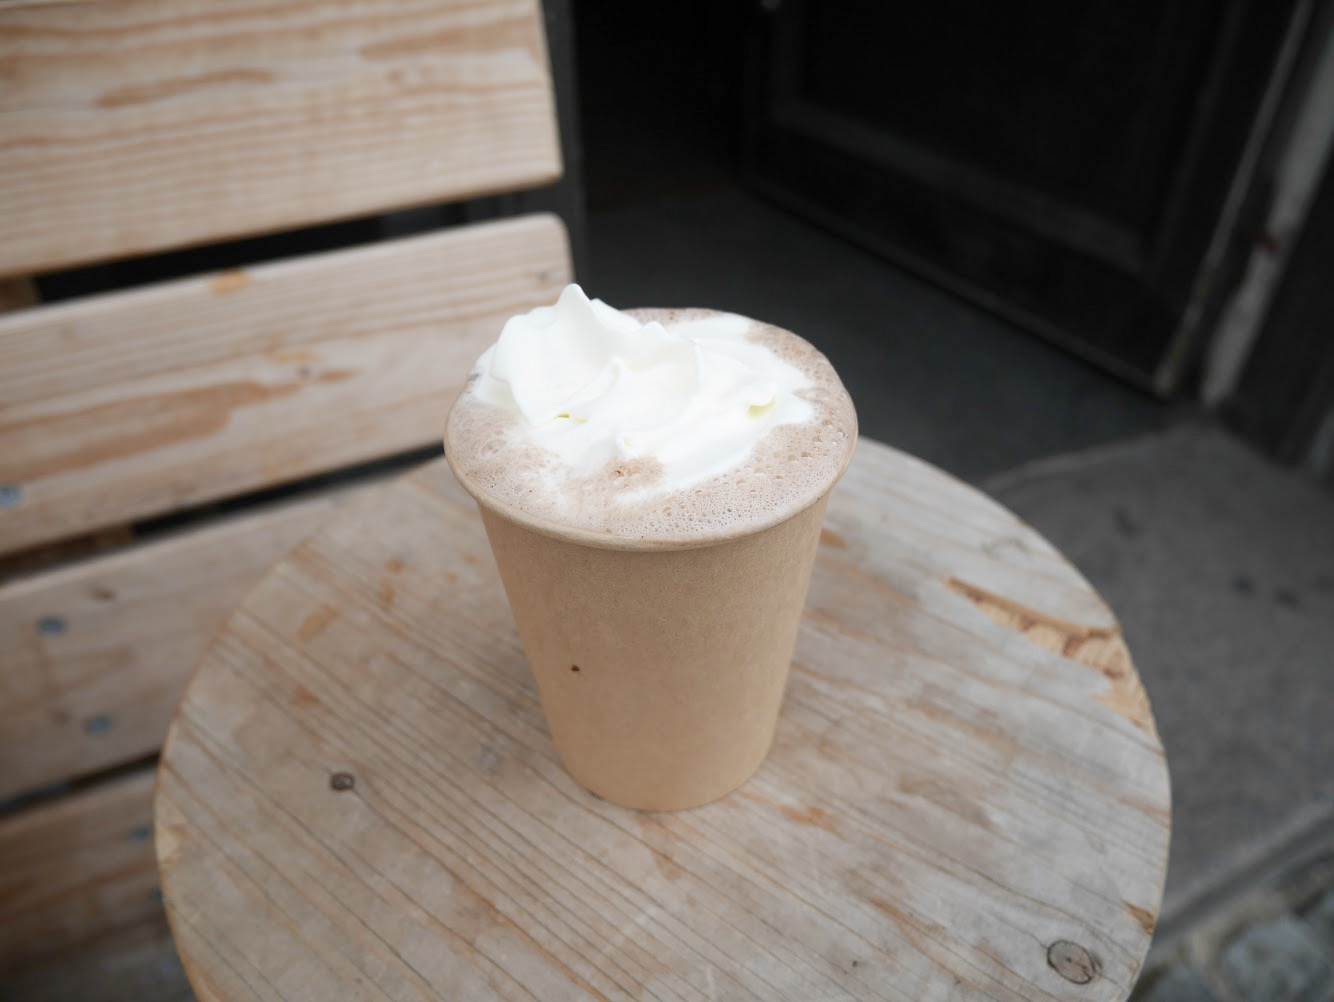 Zaggis Cafe